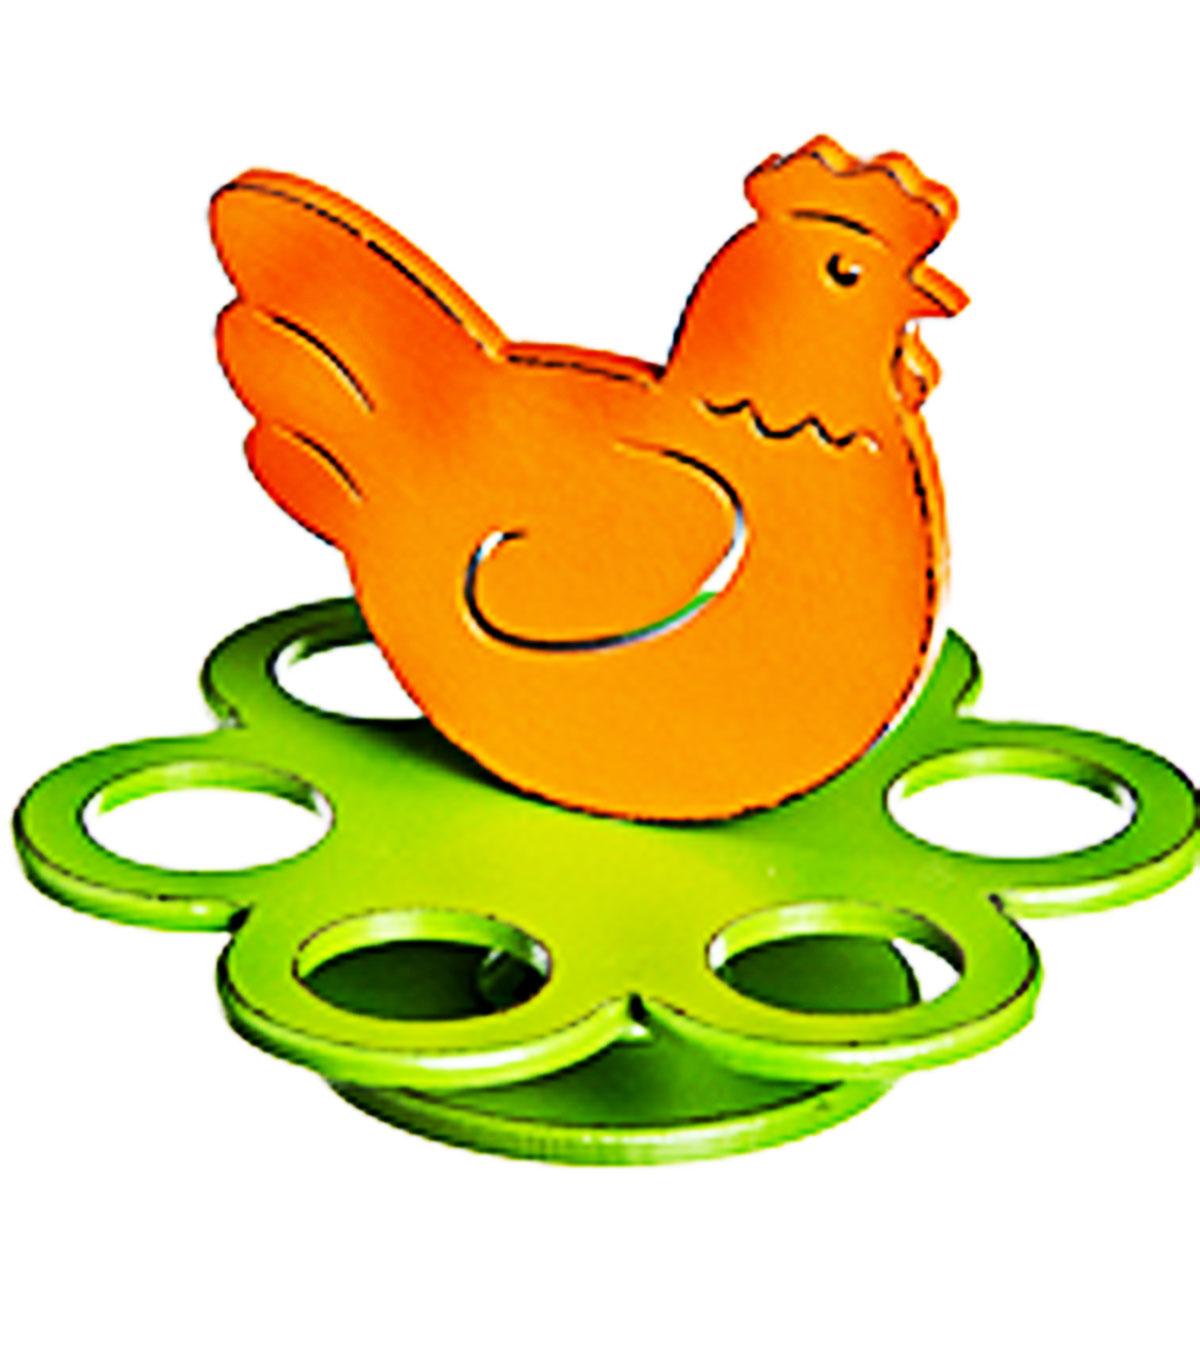 Подставка под яйца Home Queen Курочка, цвет: зеленый, оранжевый, 6 ячеек68309_2Подставка Home Queen Курочка станет оригинальным украшением праздничного стола на Пасху. Подставка изготовлена из дерева и служит держателем для яиц. Изделие выполнено в виде забавной курочки на подставке с 6 ячейками для яиц. Подставка Курочка может стать красивым пасхальным подарком для друзей или близких. Размер подставки: 18,5 см х 18,5 см х 15 см. Диаметр ячейки: 4 см.